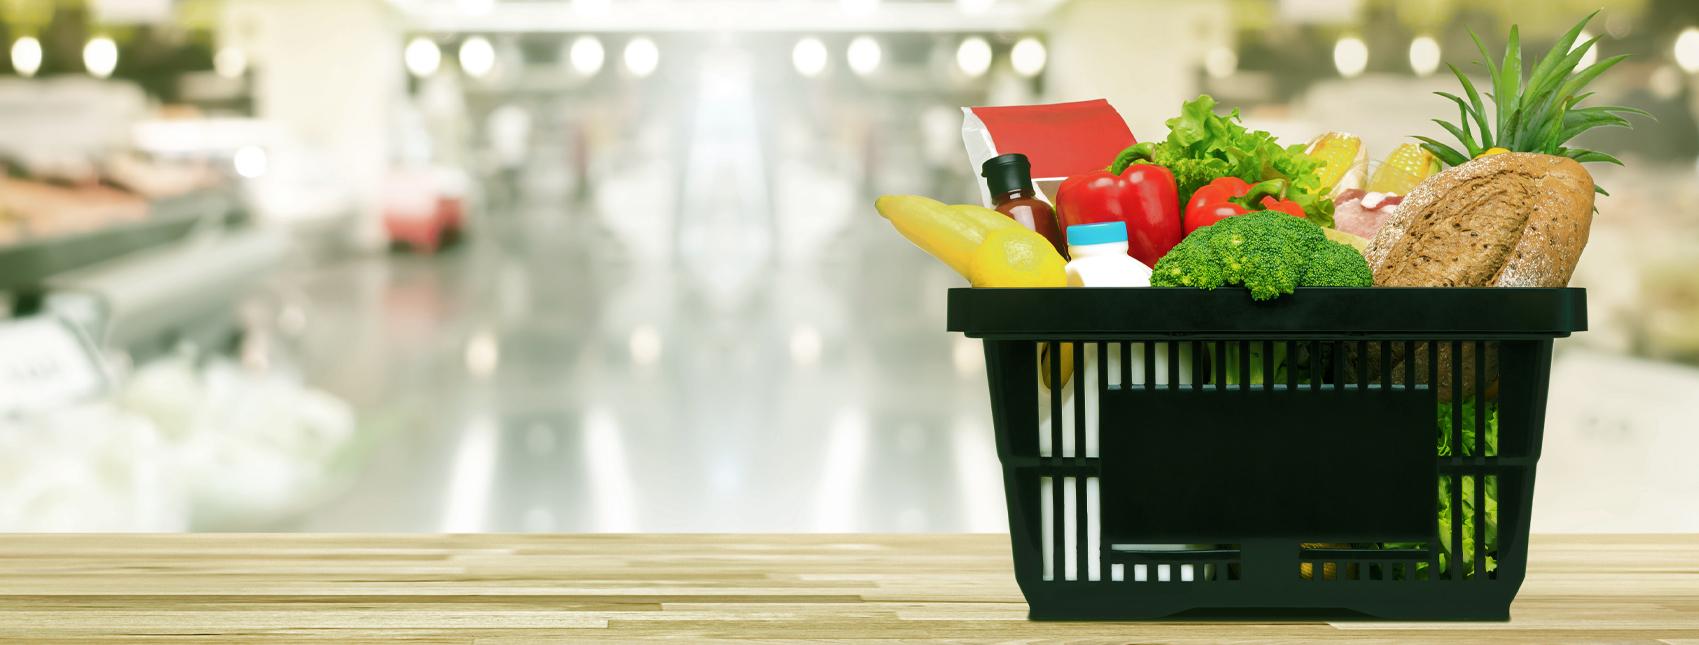 Cómo ahorrar en la compra